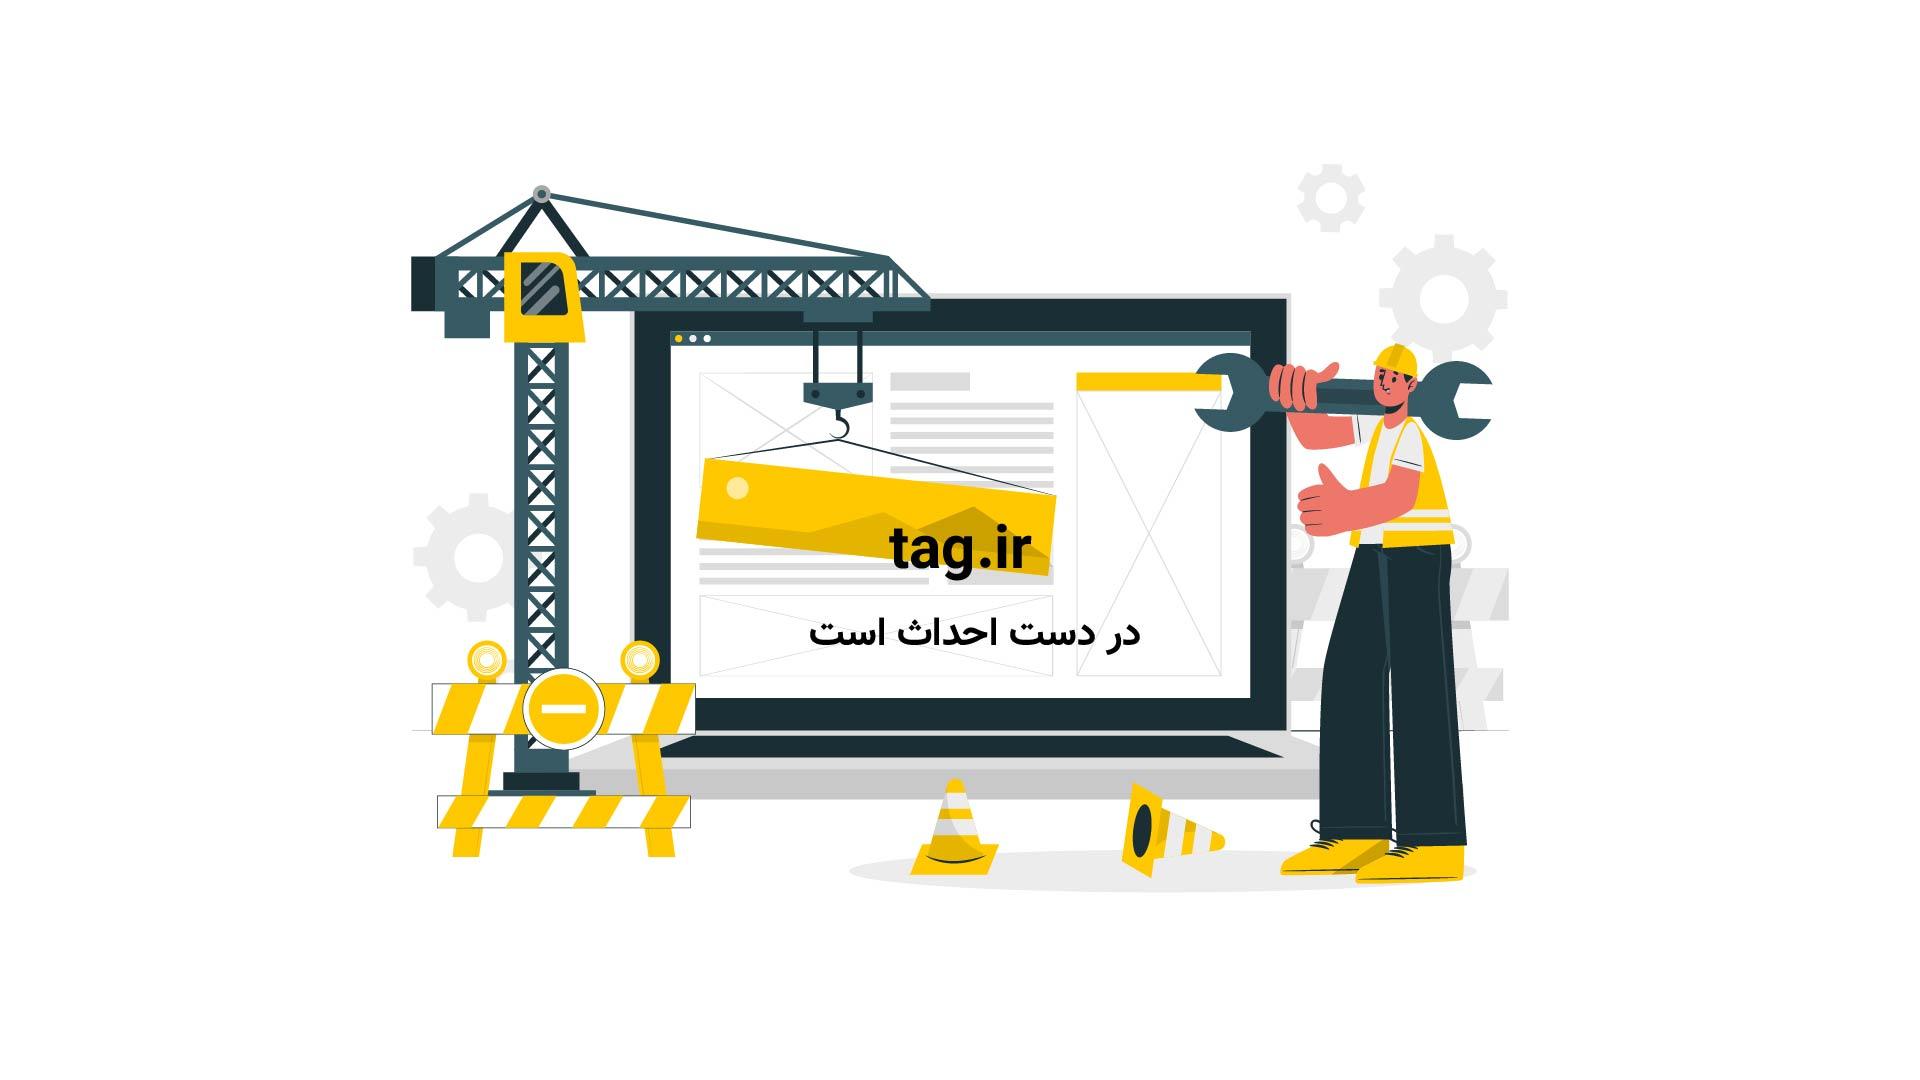 لحظه کشیده شدن دختربچه ۸ ساله به داخل آب توسط یک شیر دریایی | فیلم